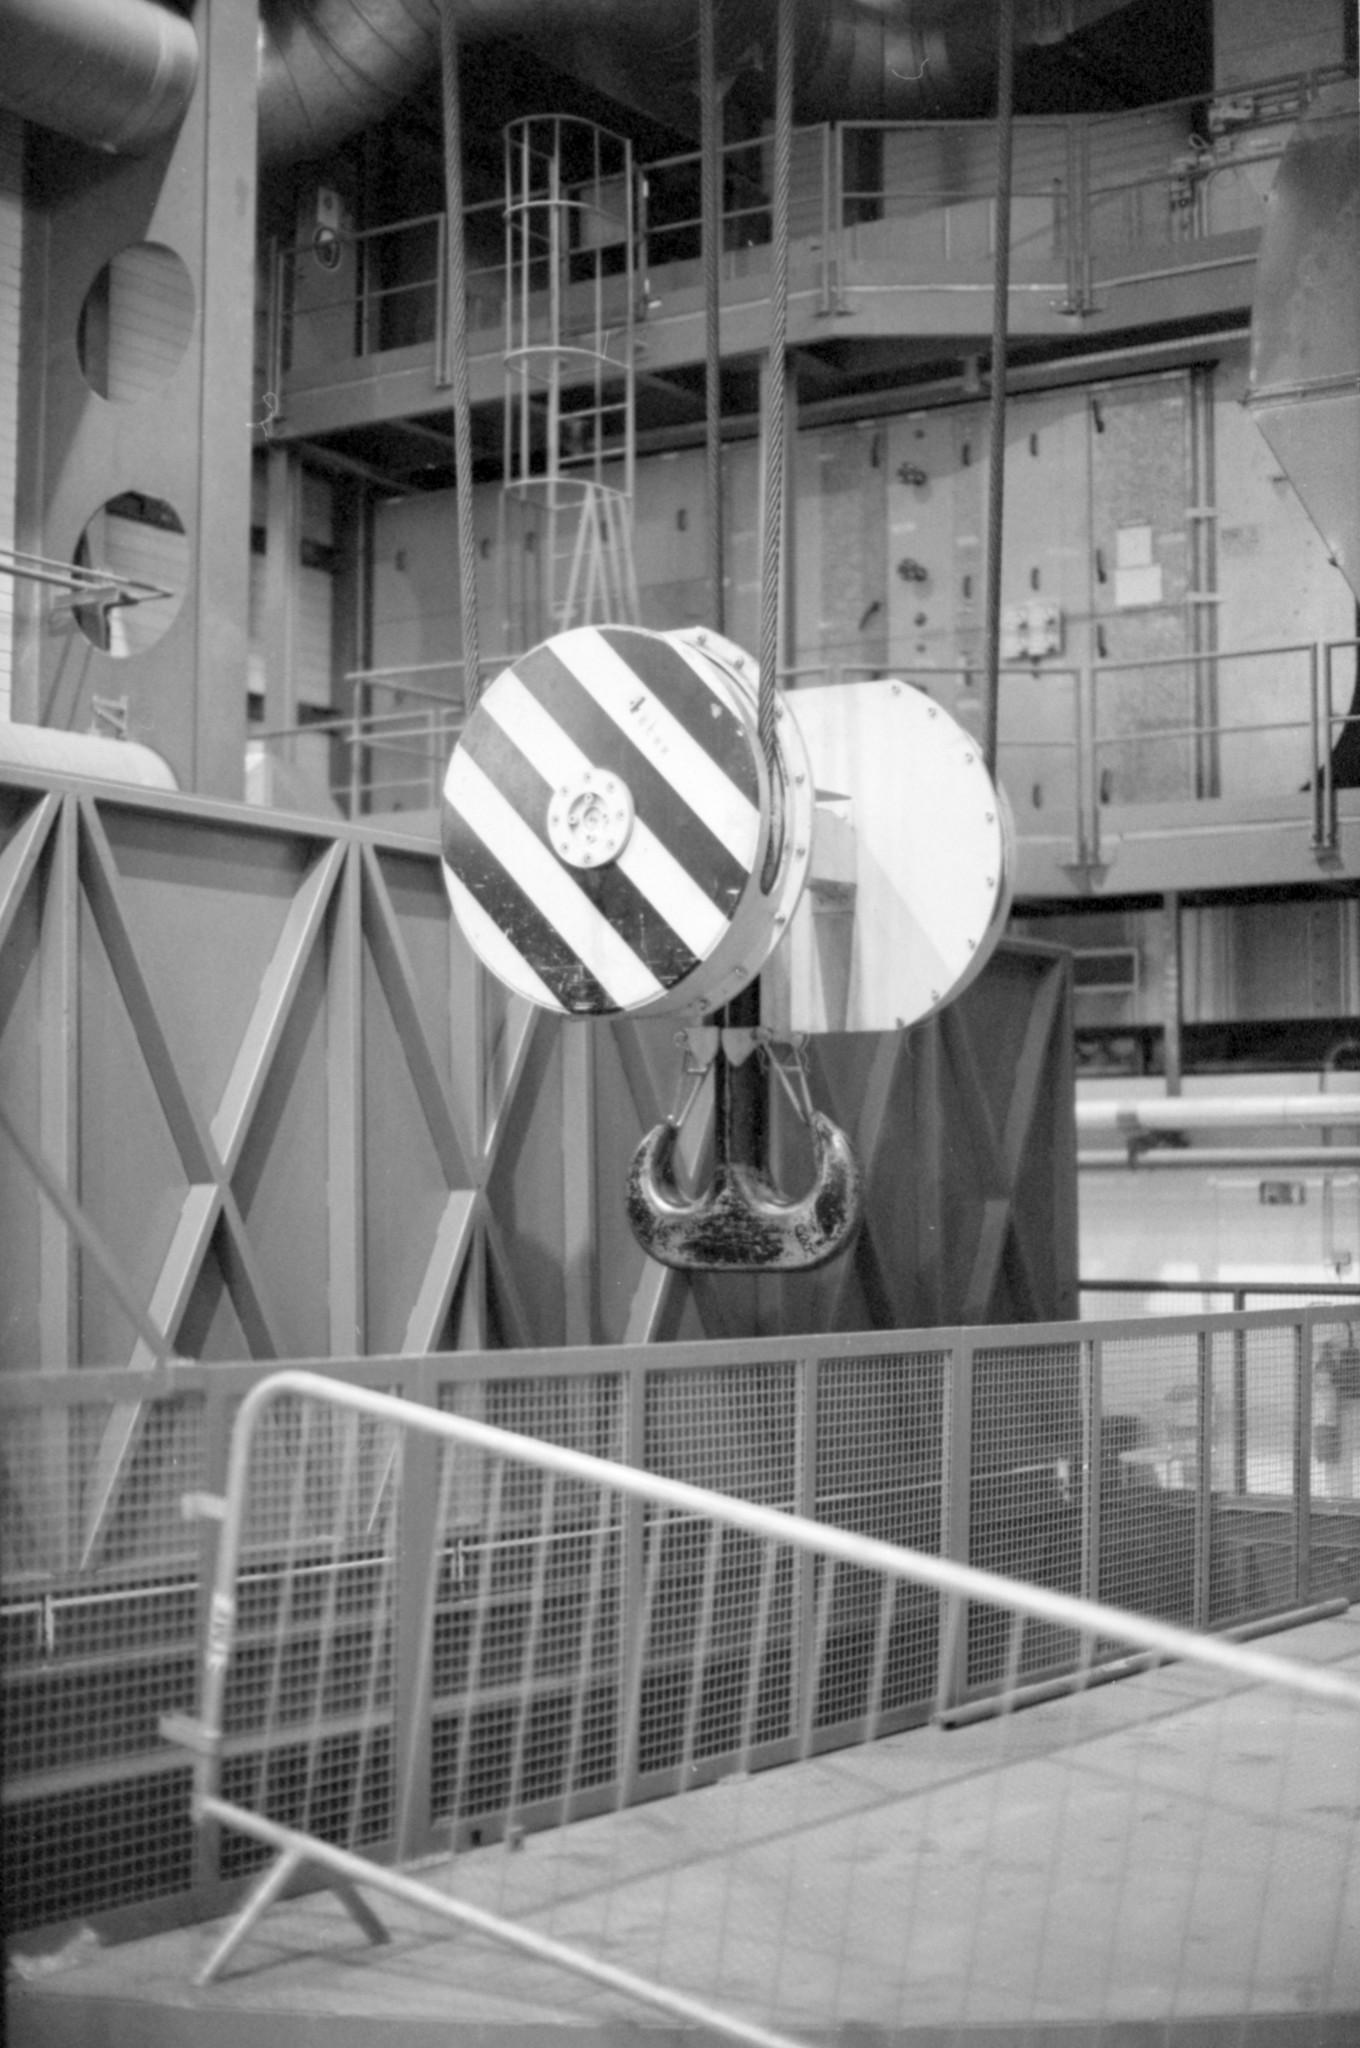 LHC Open Days